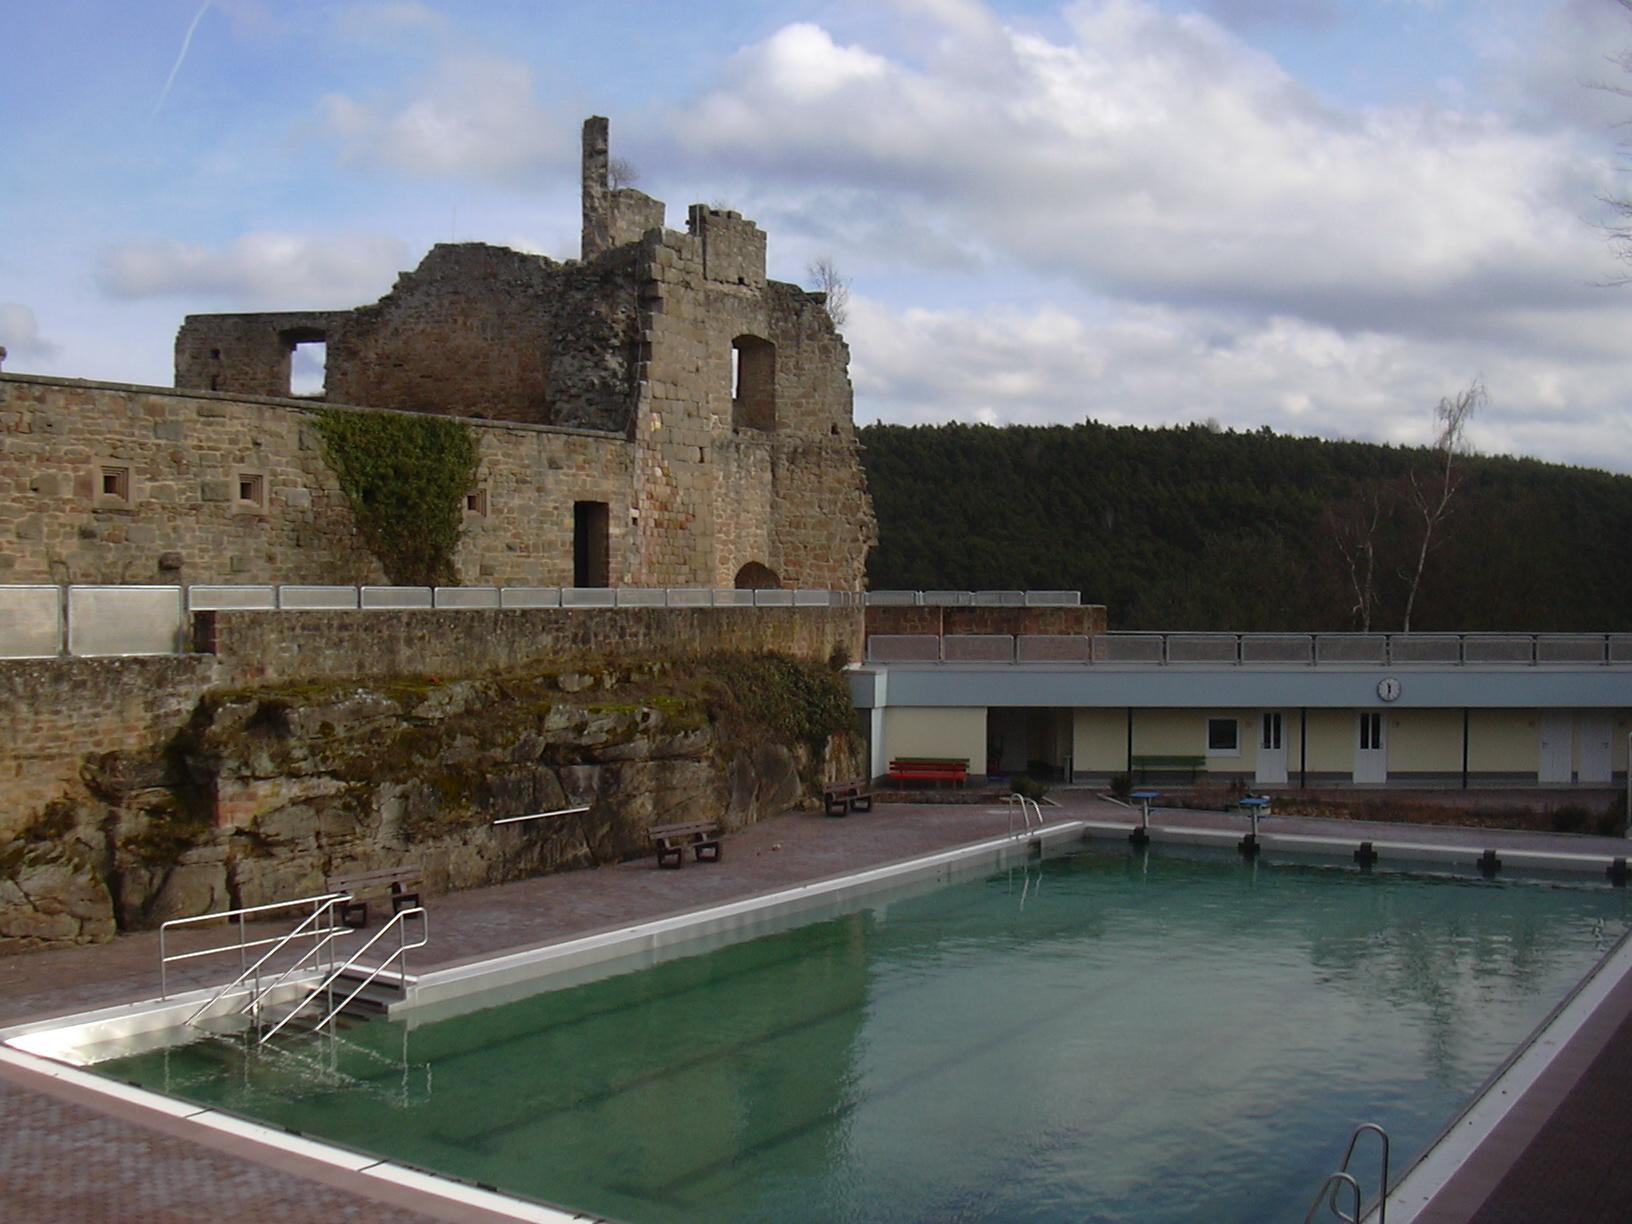 Datei:Burg Altleiningen Schwimmbad.JPG – Wikipedia